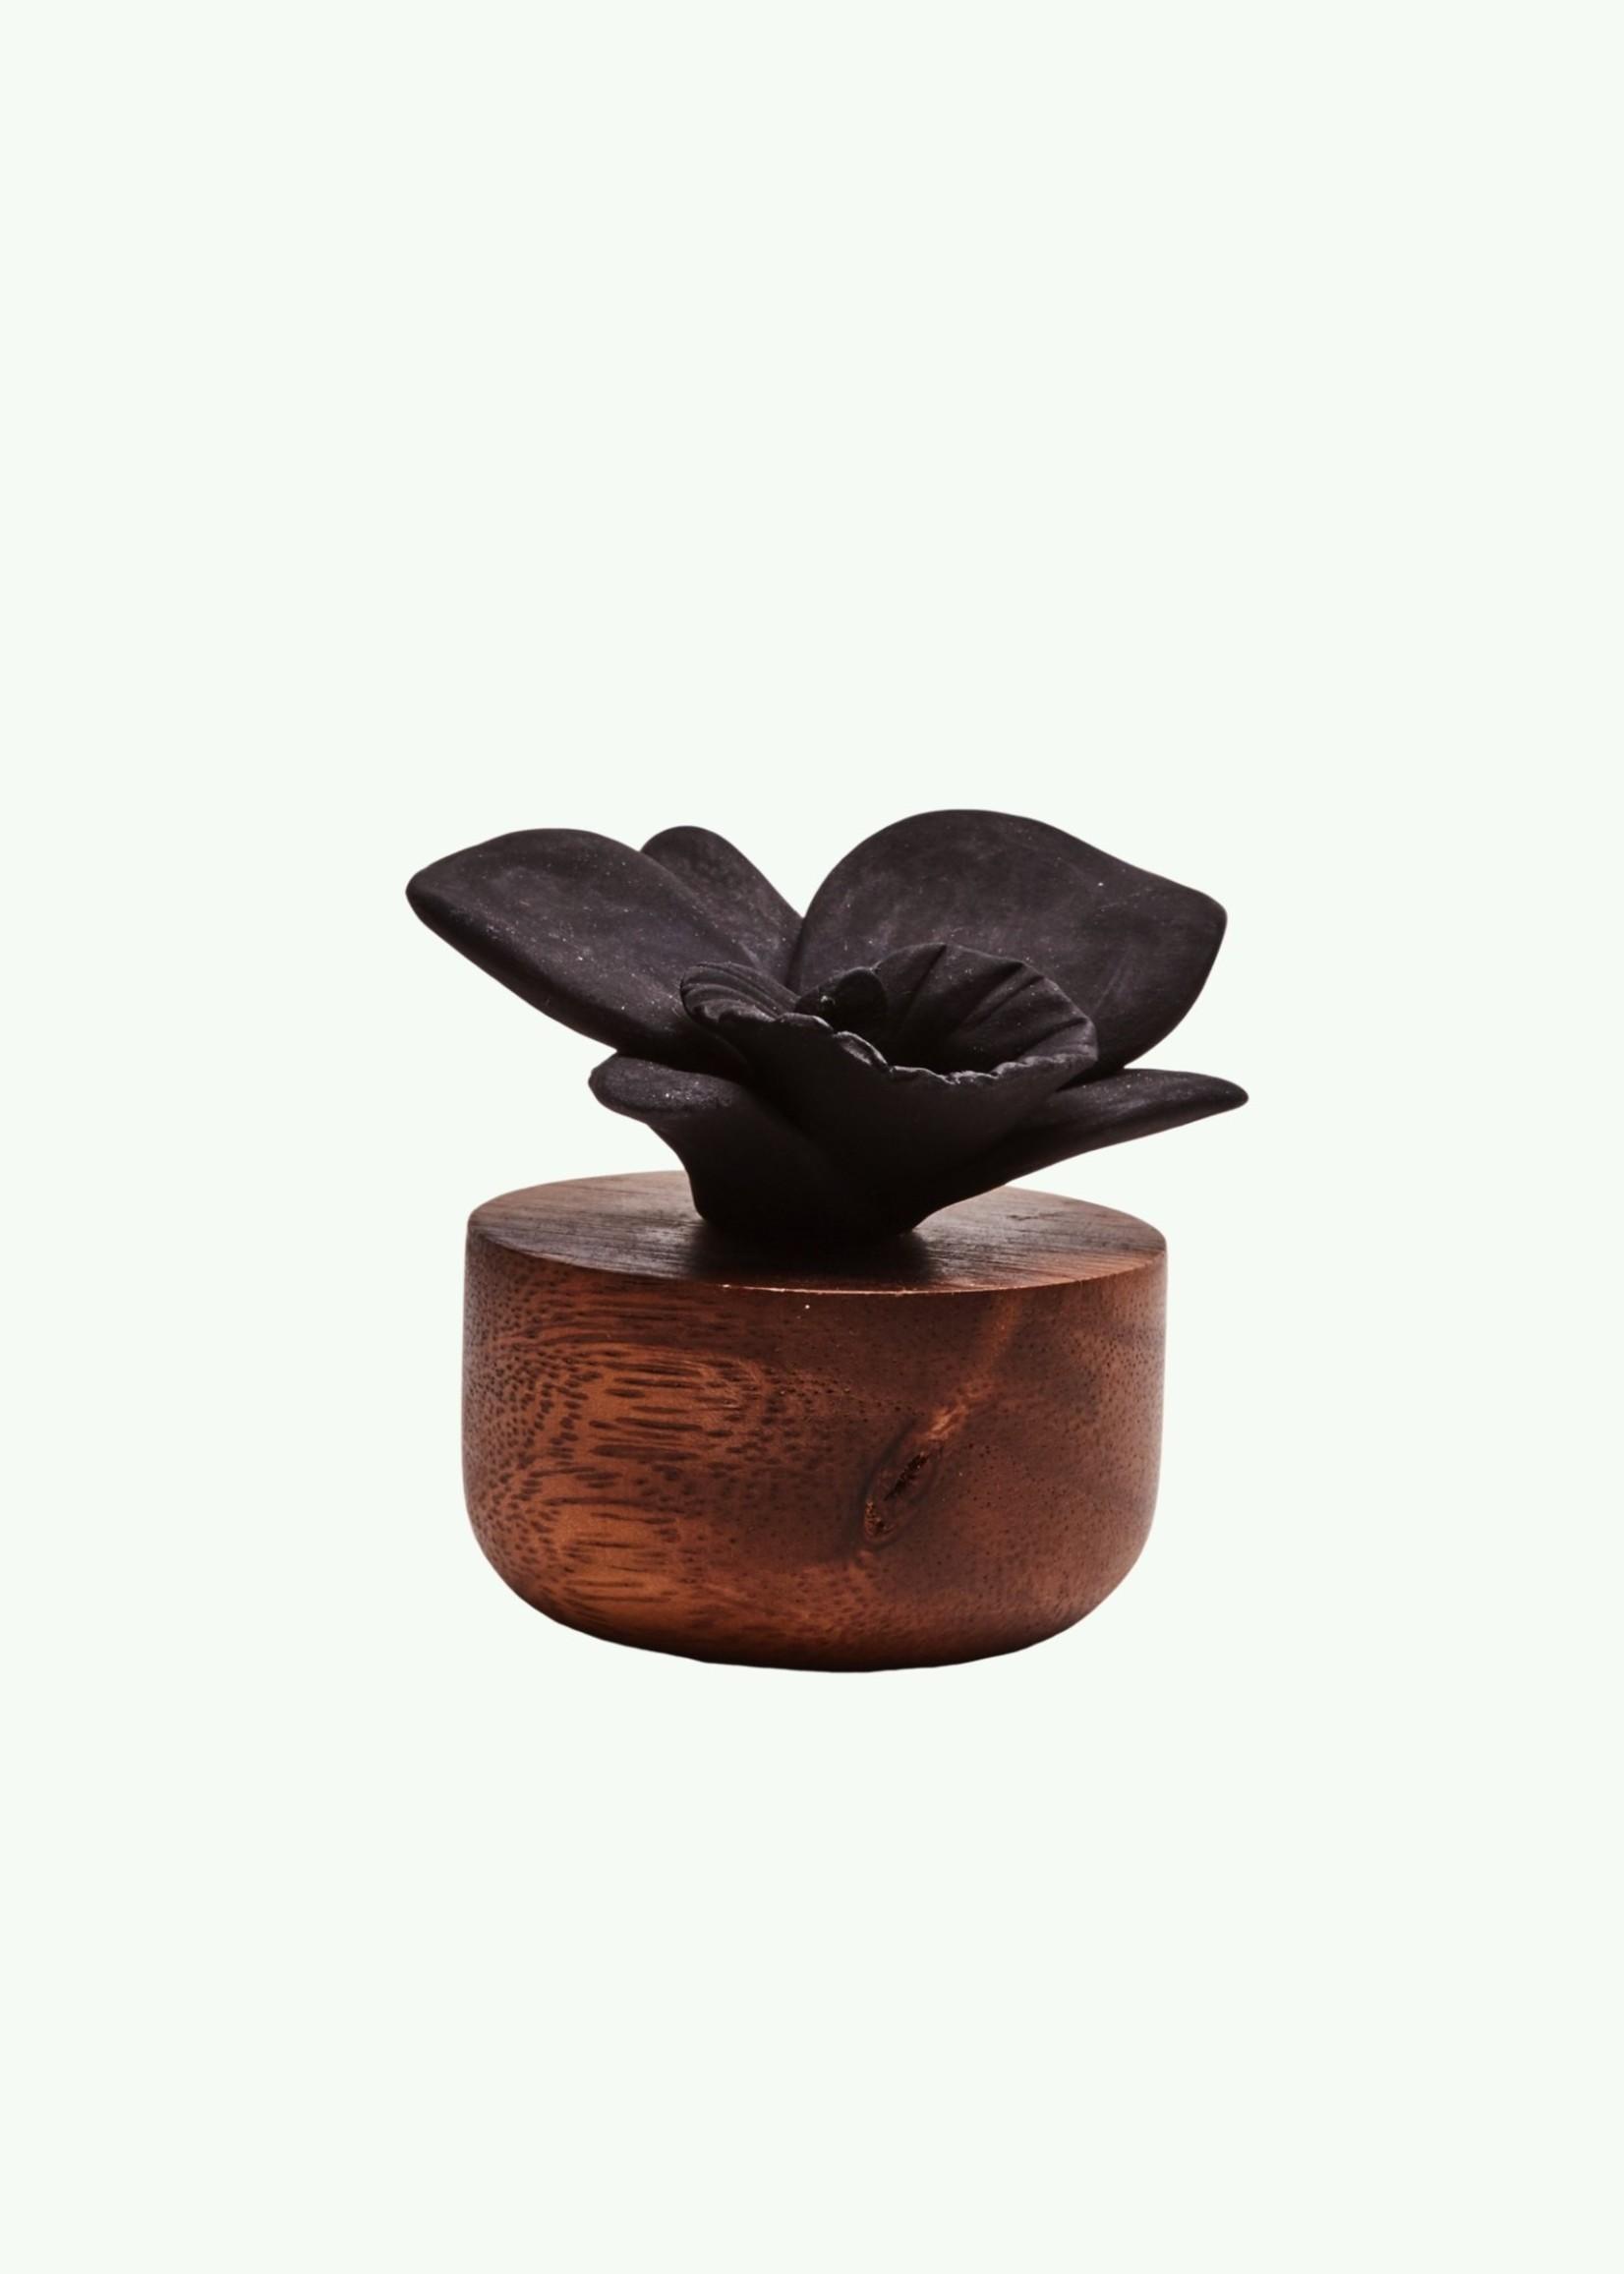 Anoq Anoq - Orchidée du Nepal - Diffuseur de Parfum - 2 couleurs